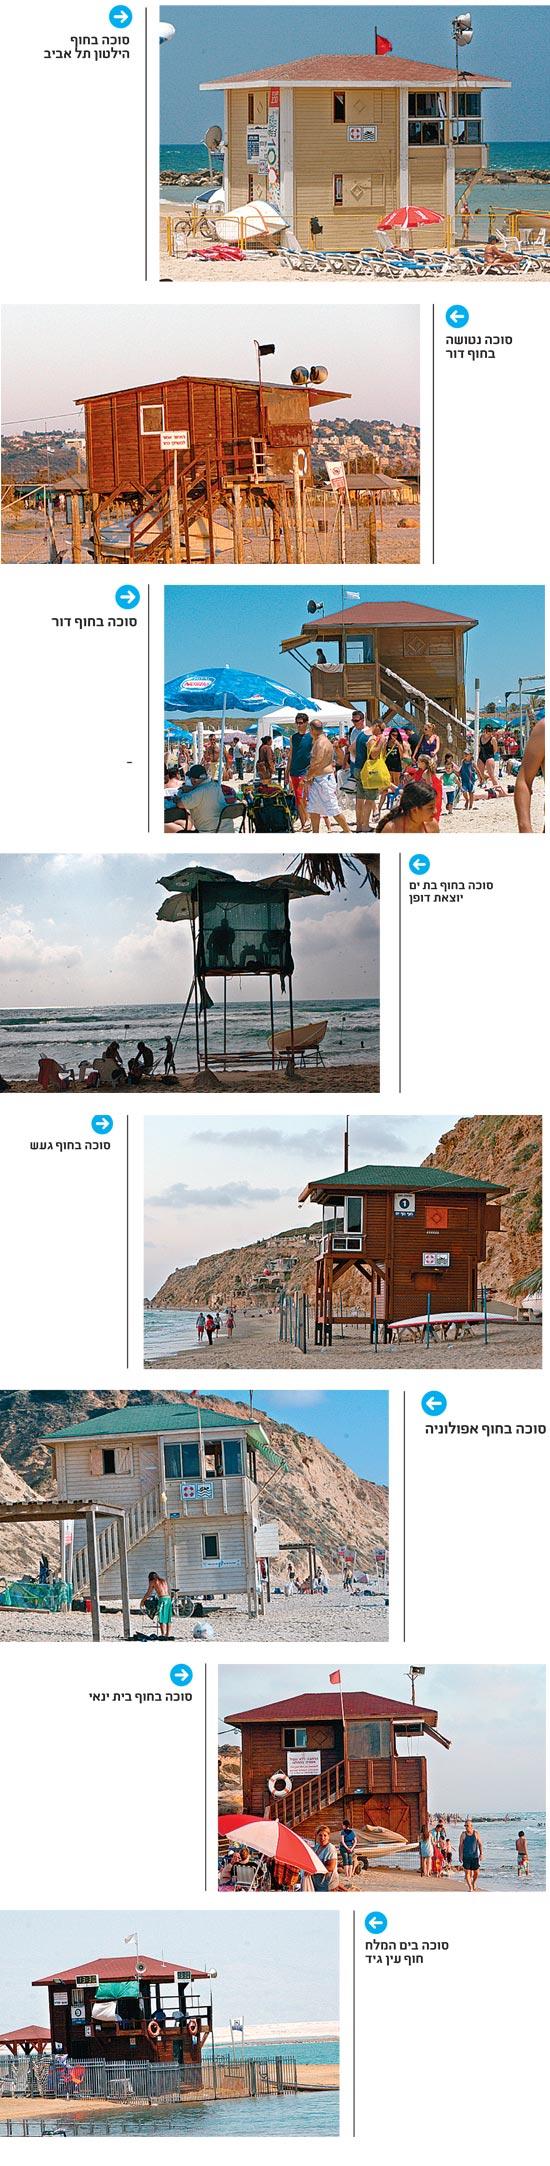 חופים / צלם: שלומי יוסף